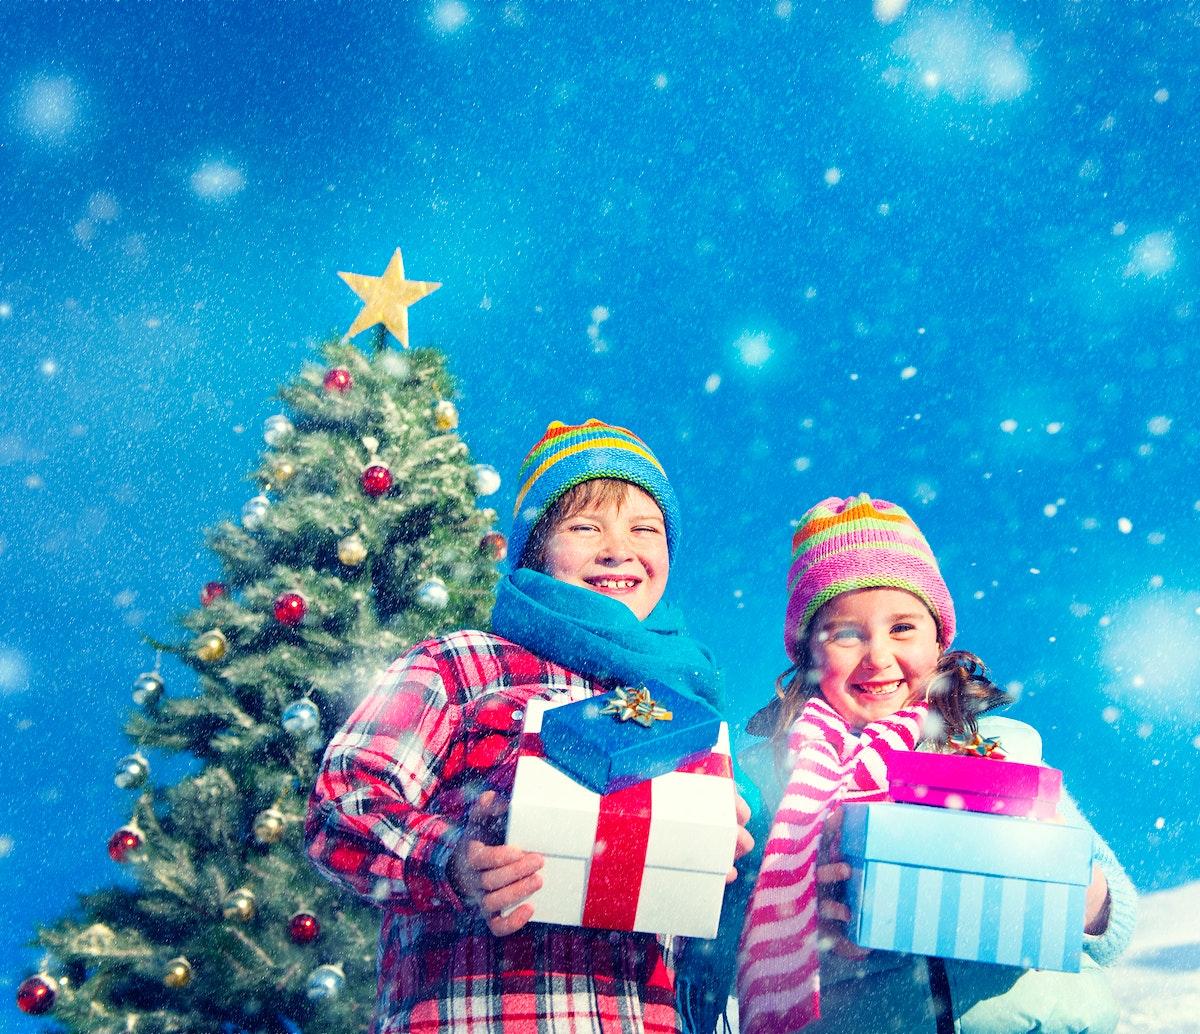 caucasian kids holding gift for christmas